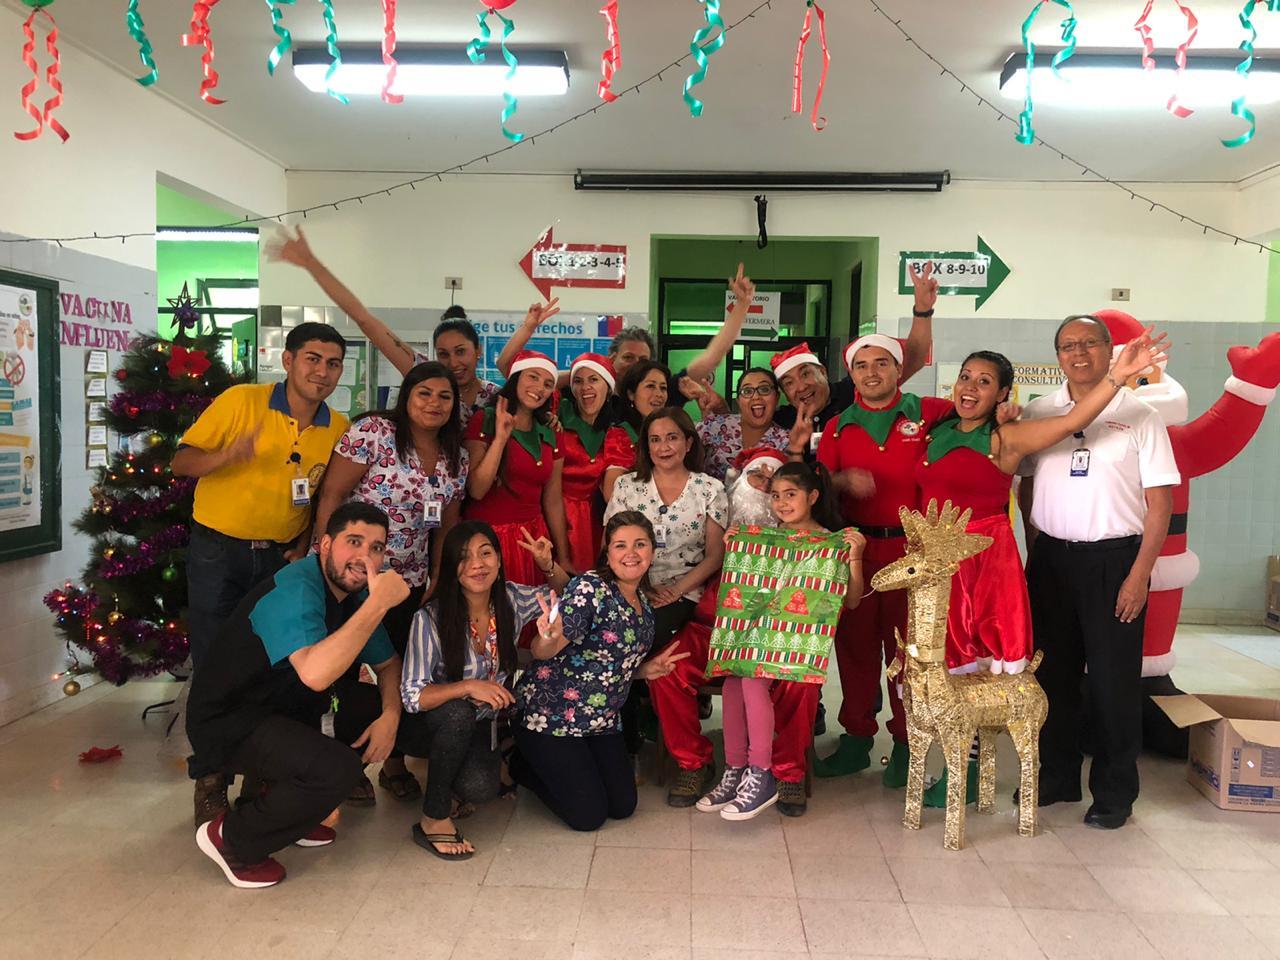 Se realiza una nueva versión de la fiesta anual de Navidad organizada por el CESFAM El Palqui